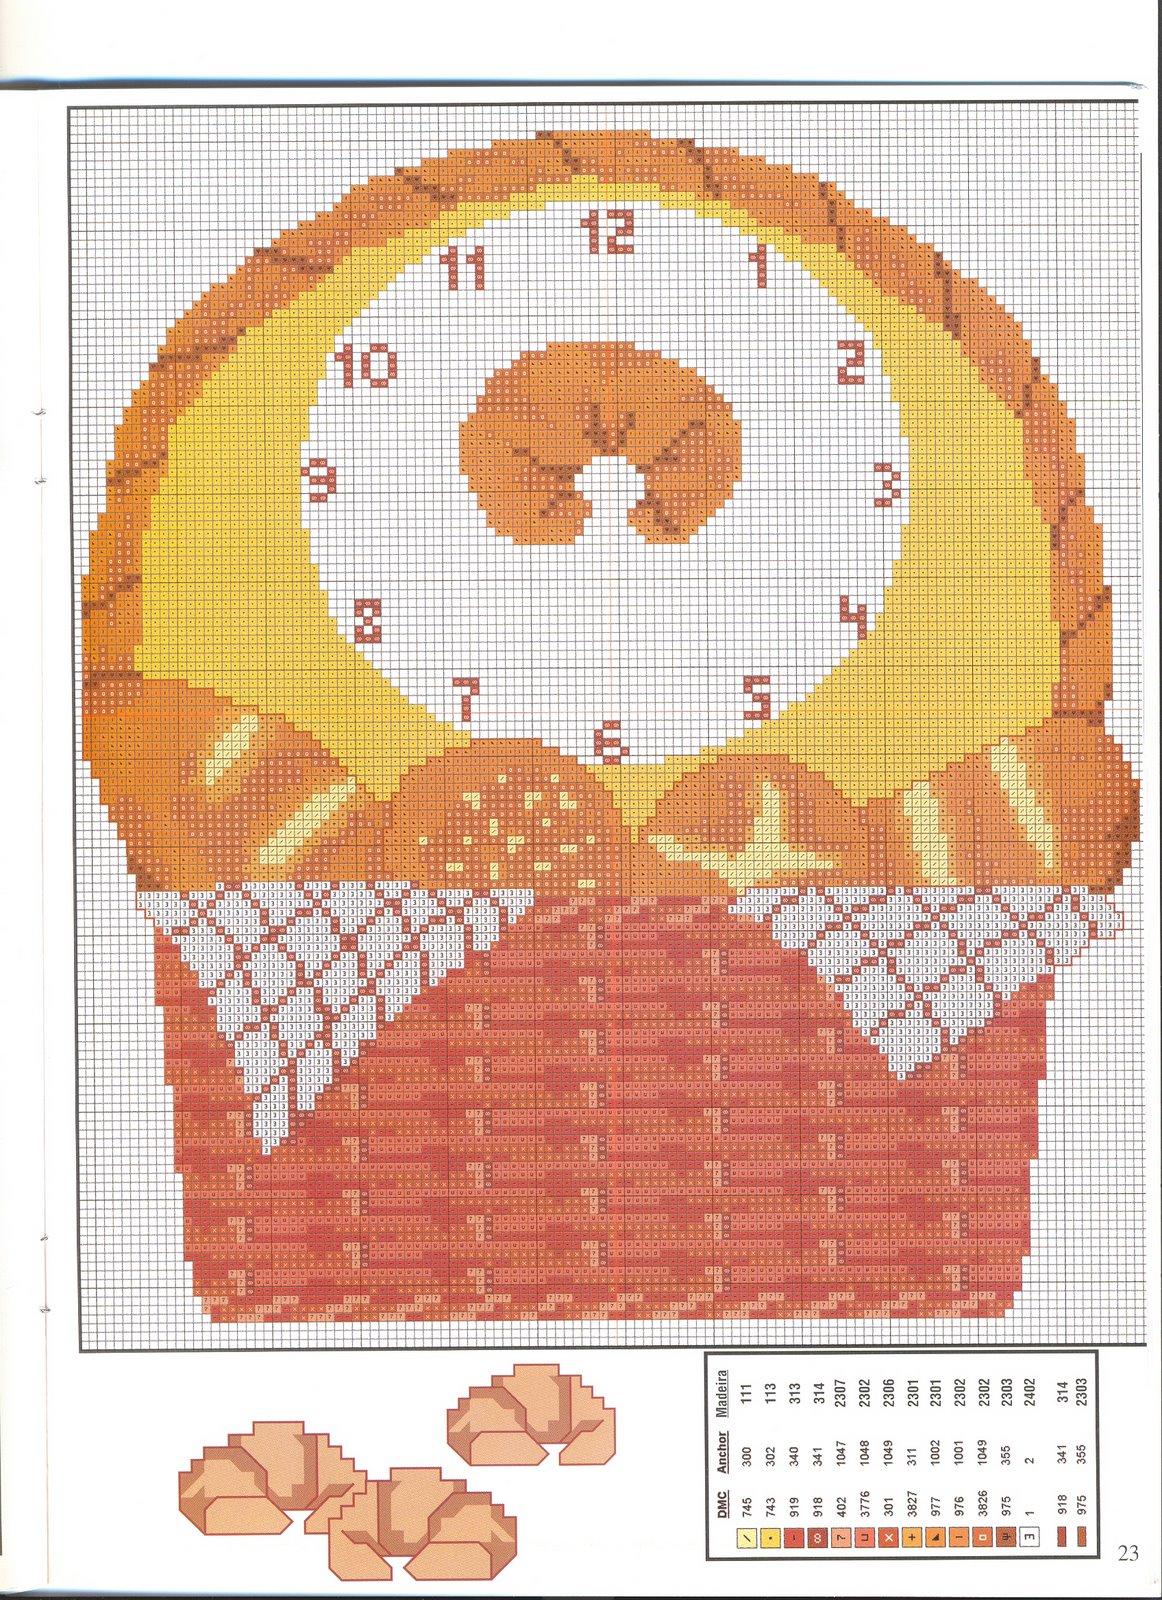 Orologio punto croce cesto di pane 2 for Orologio punto croce schemi gratis